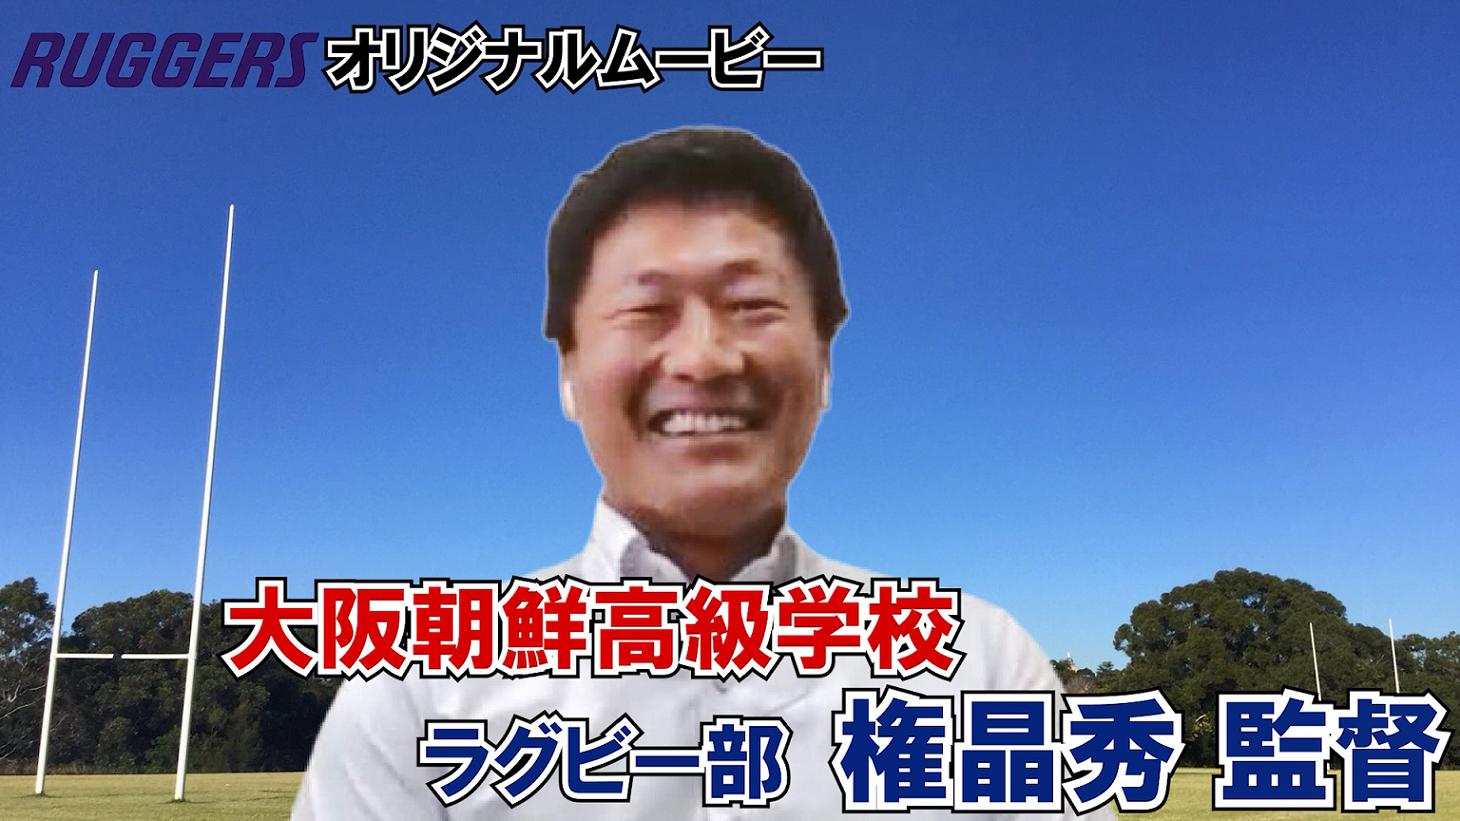 大阪朝鮮高校ラグビー部・権監督インタビュー